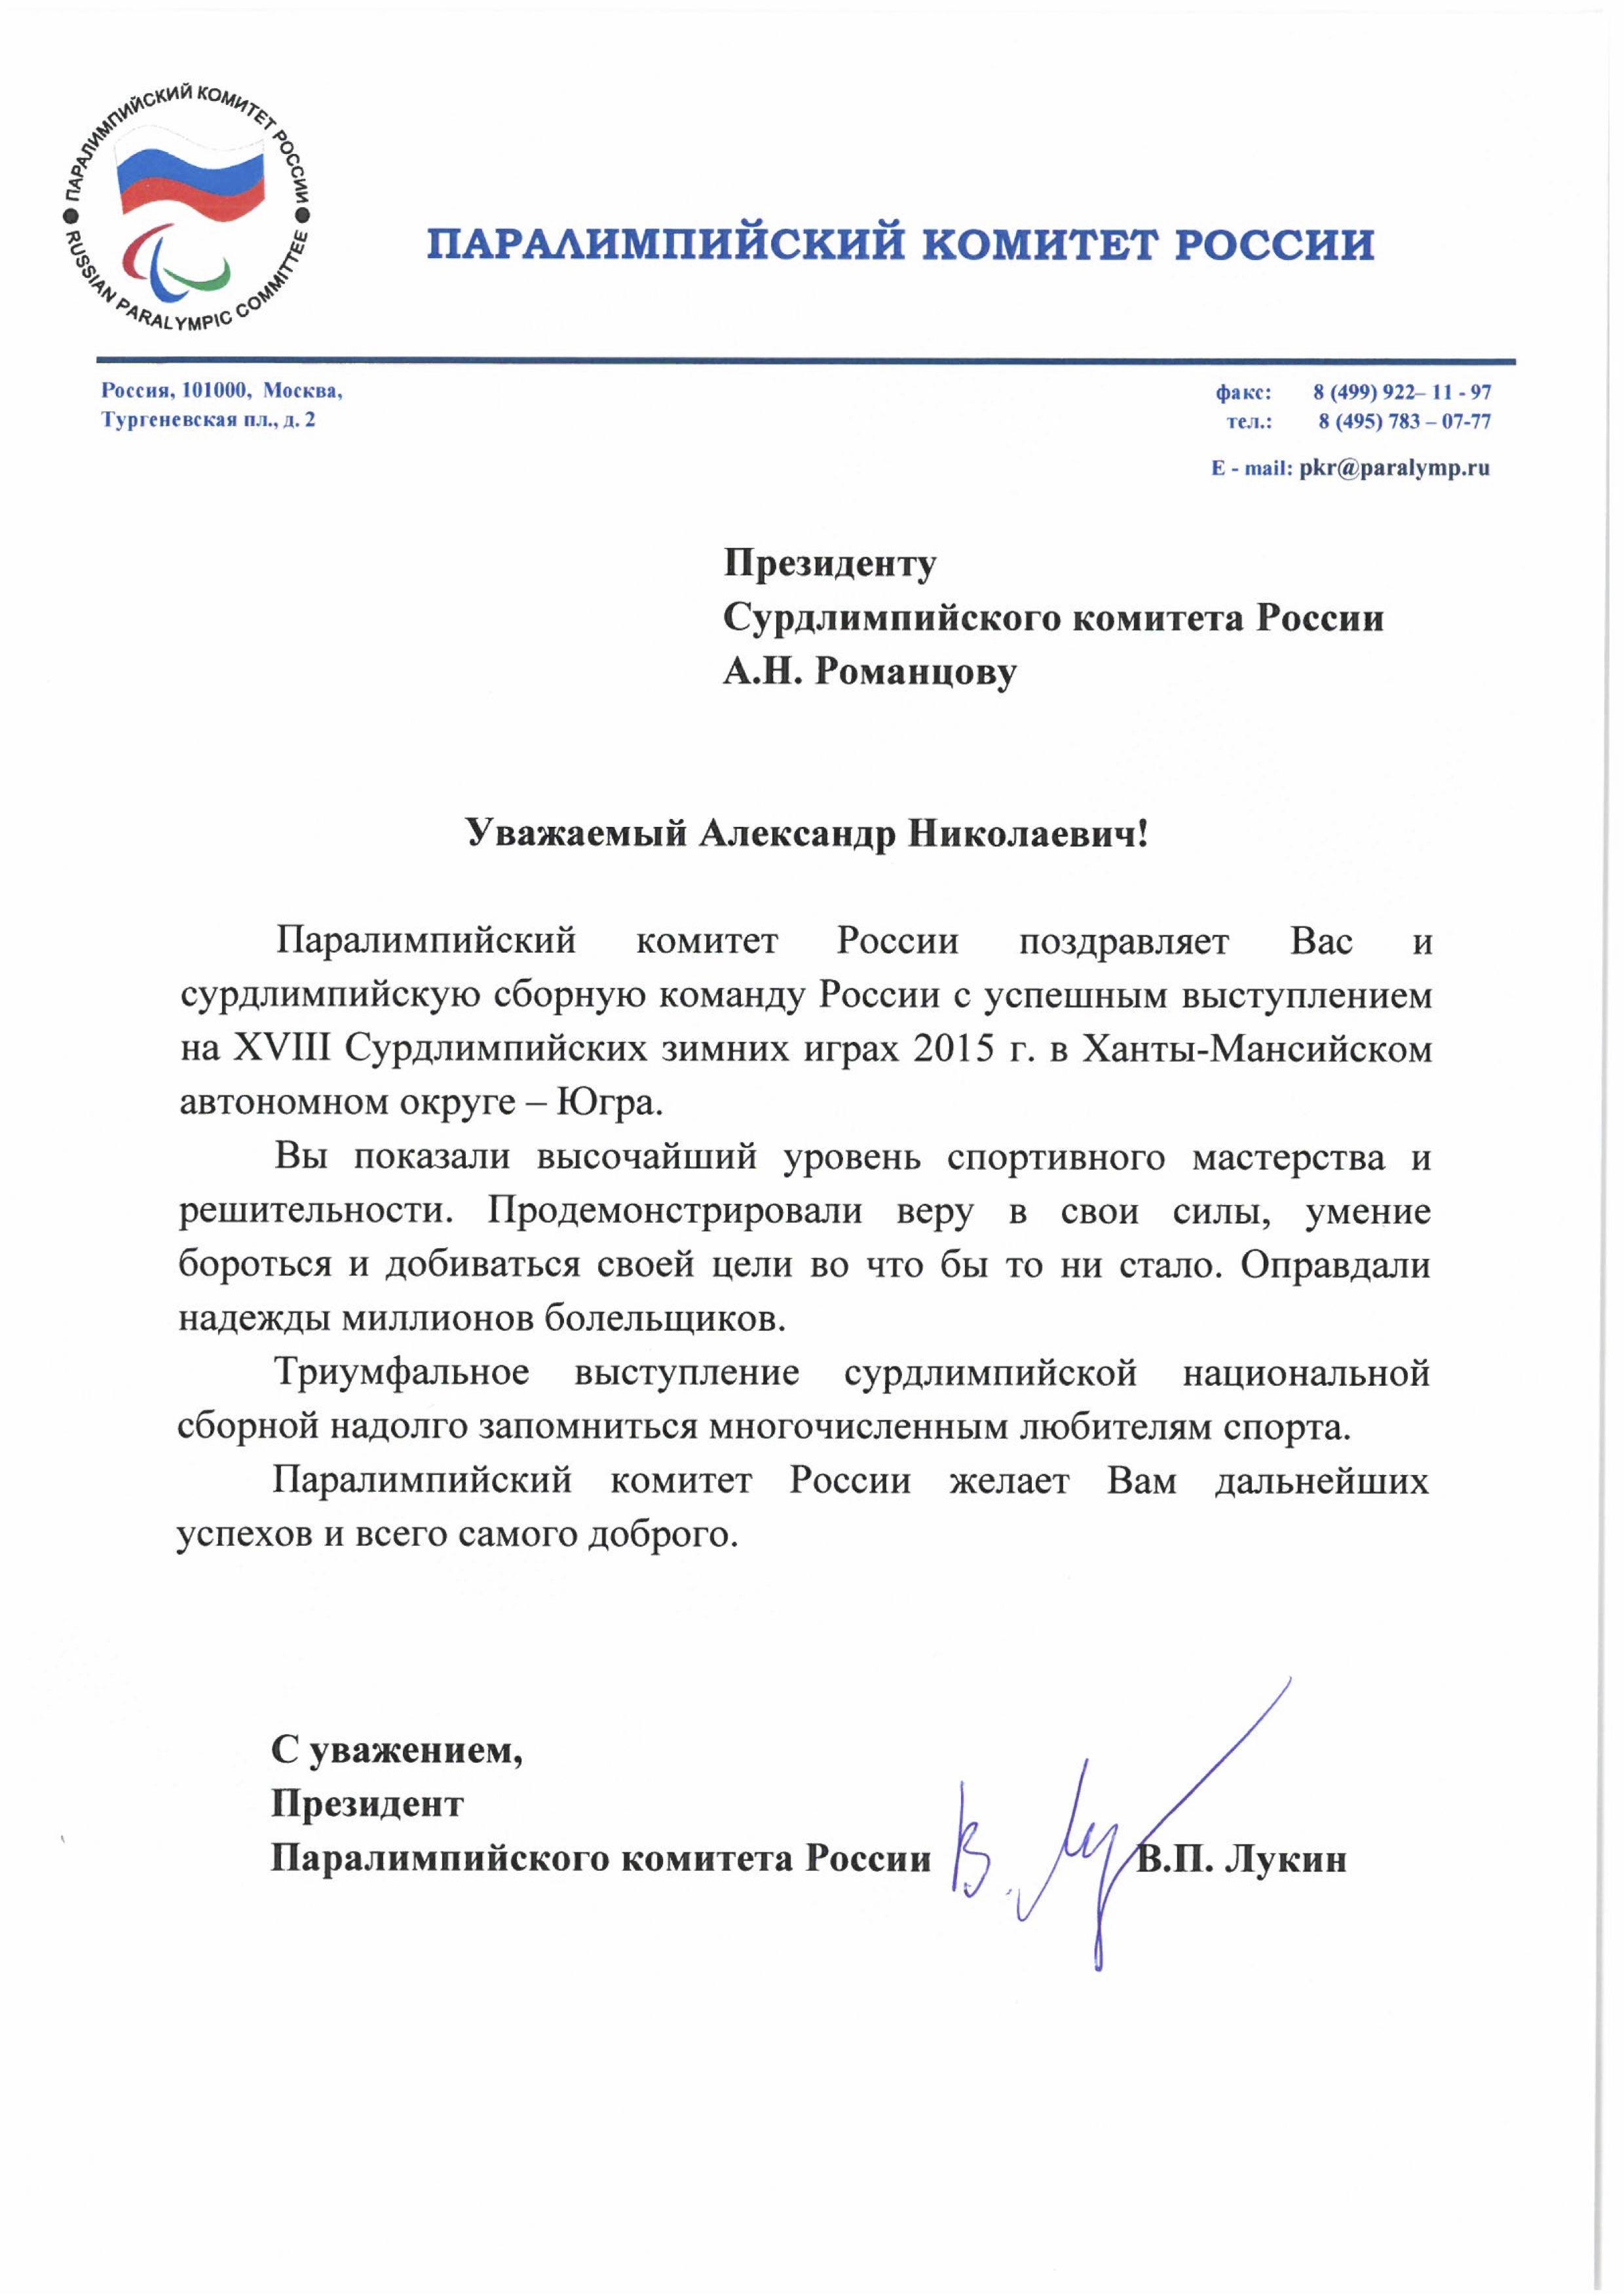 Паралимпийский комитет России поздравляет сурдлимпийскую сборную команду России с завоеванием первого общекомандного места на Сурдлимпийских зимних играх 2015 года в ХМАО-Югра